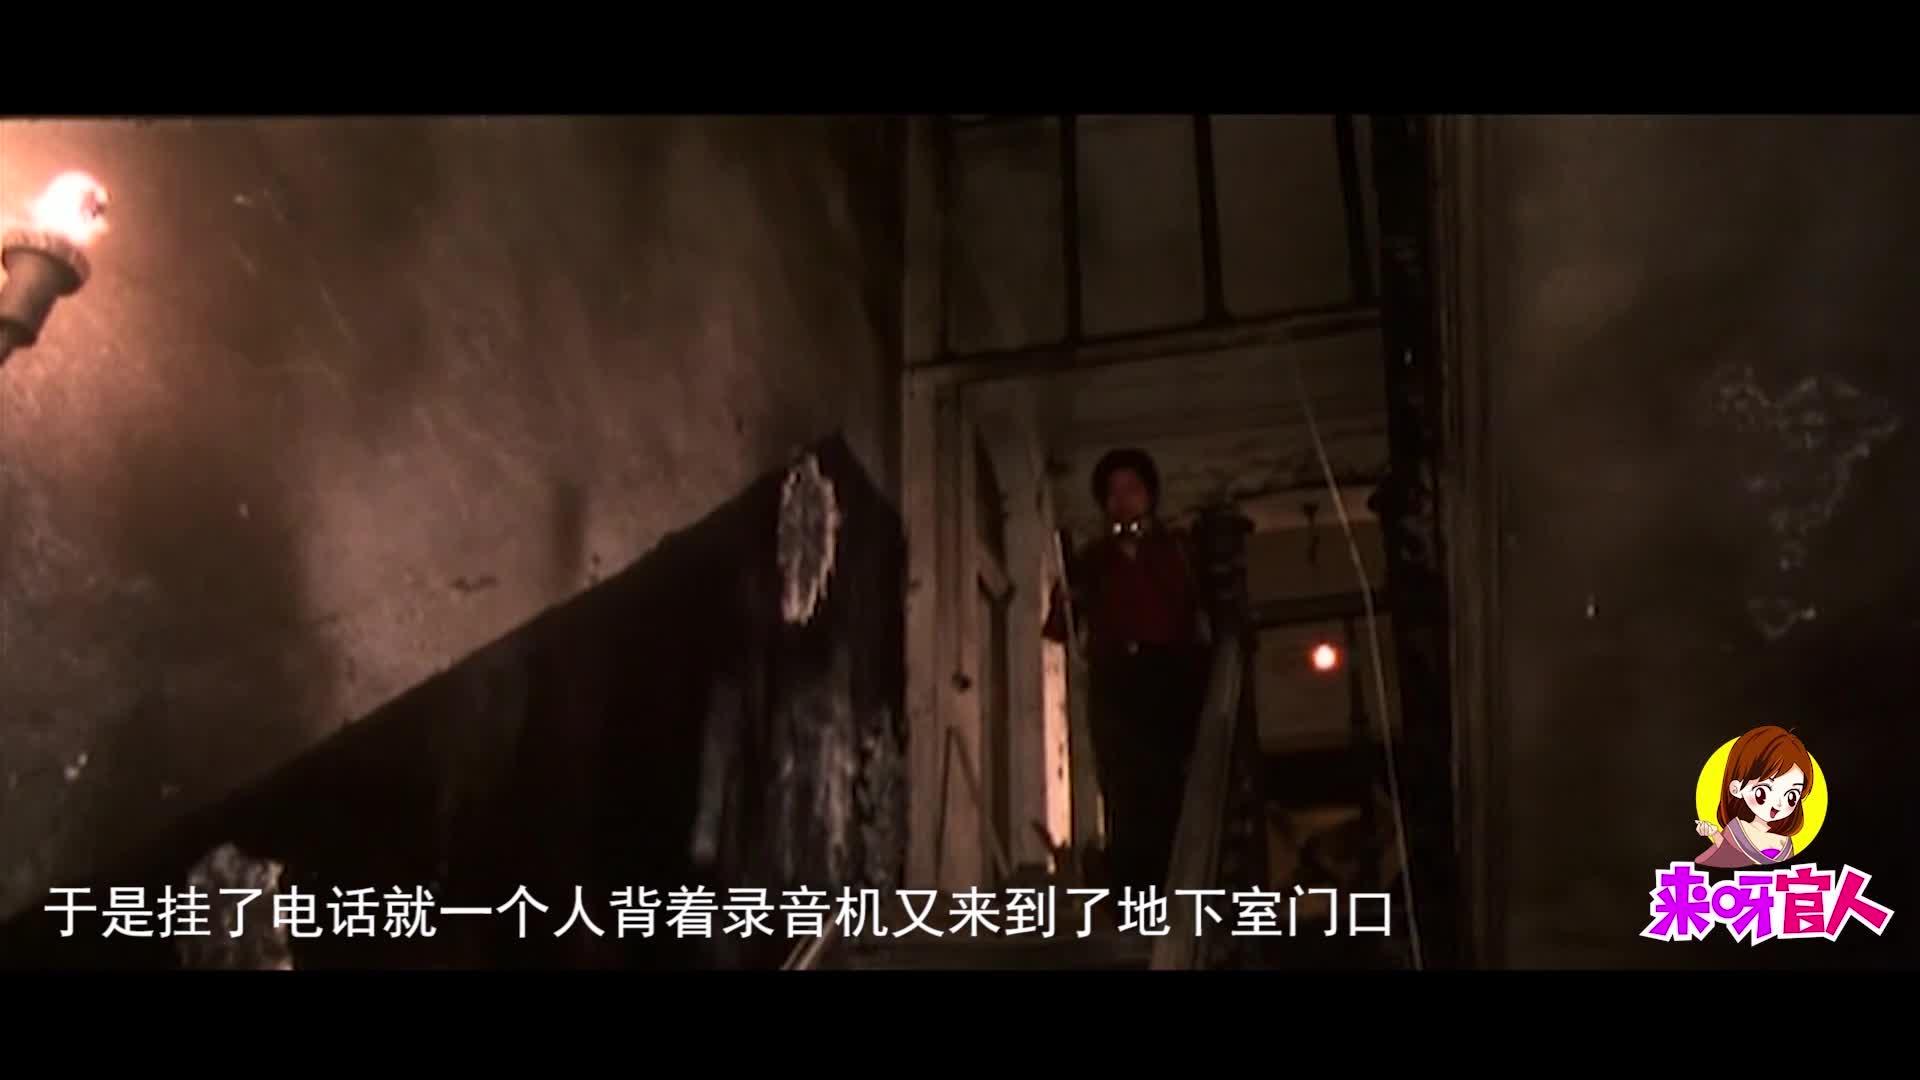 #追剧不能停#30年前拍摄的恐怖电影,现在依旧不敢看!《黑楼孤魂》__04